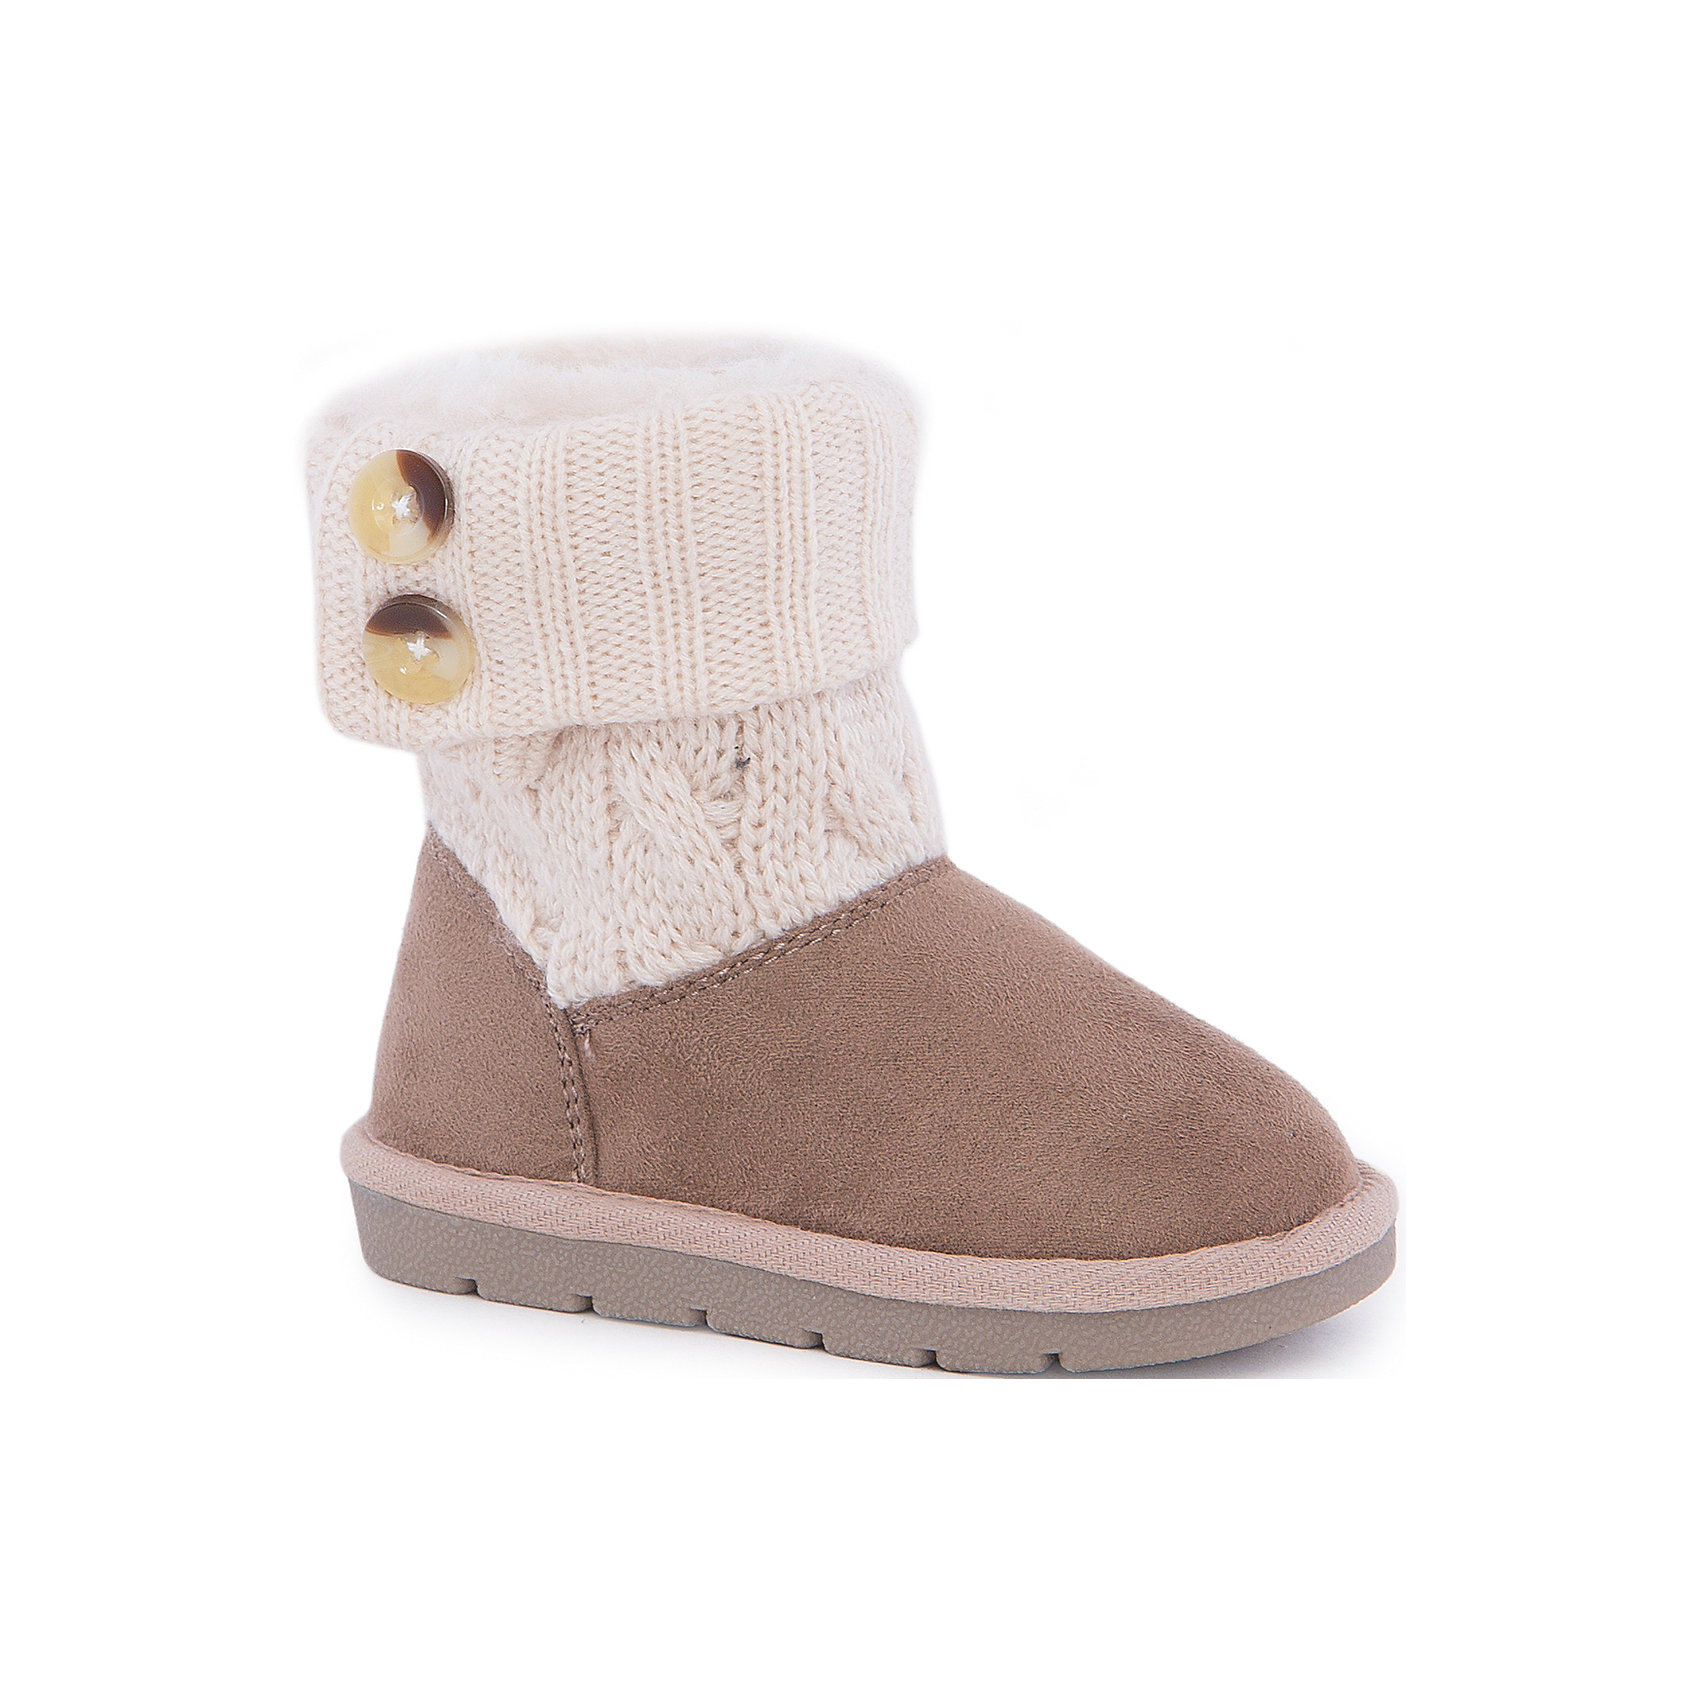 Полусапоги    для девочки CHICCOПолуботинки для девочки CHICCO<br><br>Характеристики:<br><br>Тип застежки: без застежки<br>Тип обуви: нарядные<br>Особенности обуви: высокие<br>Декоративные элементы: пуговицы на широком отвороте, вязаная косичка<br>Цвет: серо-коричневый<br><br>Материал: 100% текстиль<br><br>Полуботинки для девочки CHICCO можно купить в нашем интернет-магазине.<br><br>Ширина мм: 262<br>Глубина мм: 176<br>Высота мм: 97<br>Вес г: 427<br>Цвет: серо-коричневый<br>Возраст от месяцев: 18<br>Возраст до месяцев: 21<br>Пол: Женский<br>Возраст: Детский<br>Размер: 23,20,24,22,34,33,32,31,30,29,28,27,26,25,21<br>SKU: 5082821